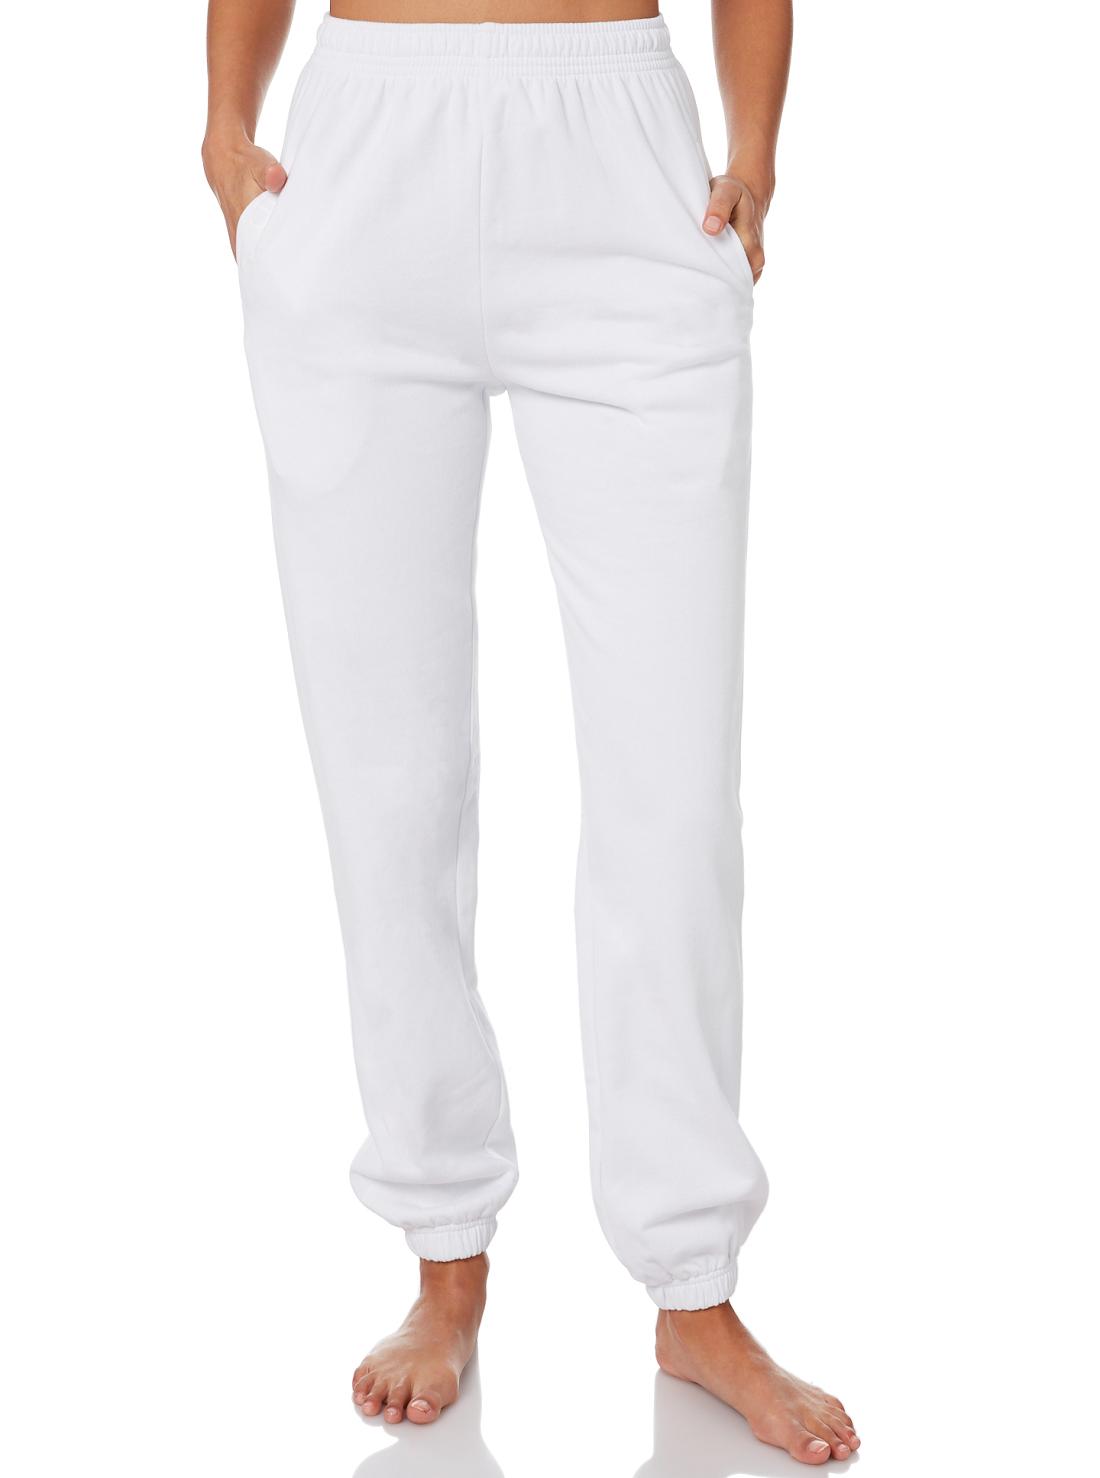 2 Wholesale Women's Cotton Jogger Pants